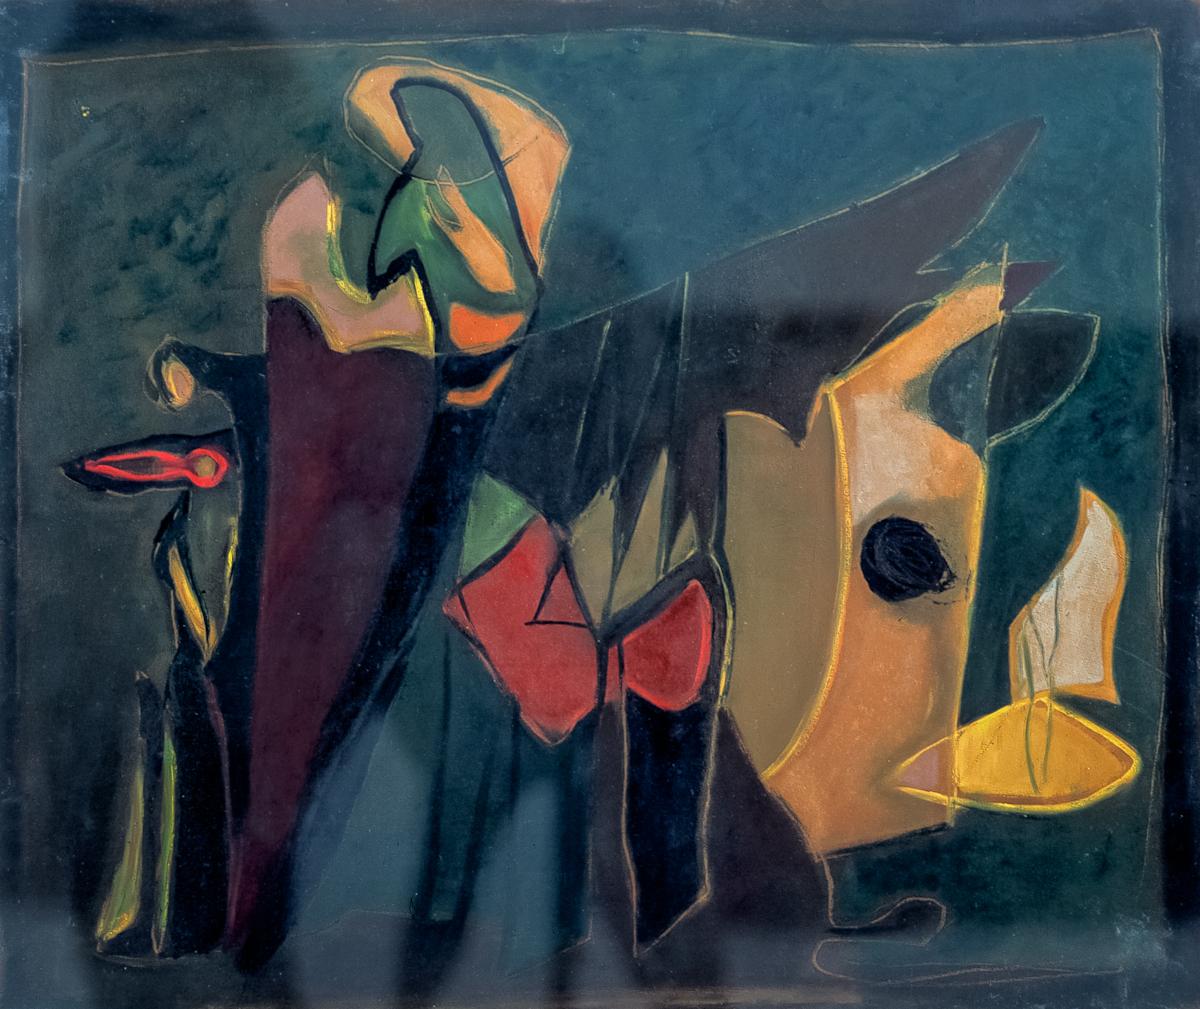 Bogusław Szwacz, Kompozycja, 1948, olej, papier, 57 x 67,3 cm